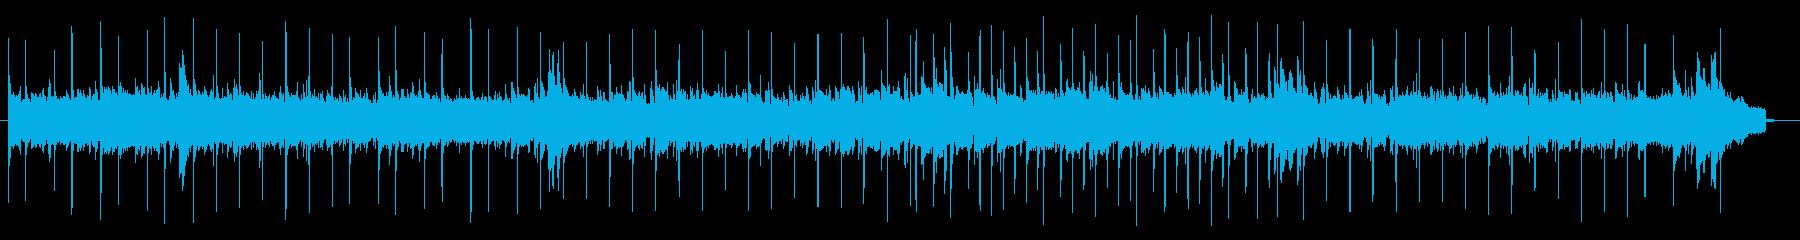 切ない雰囲気のポップスバラードBGMの再生済みの波形